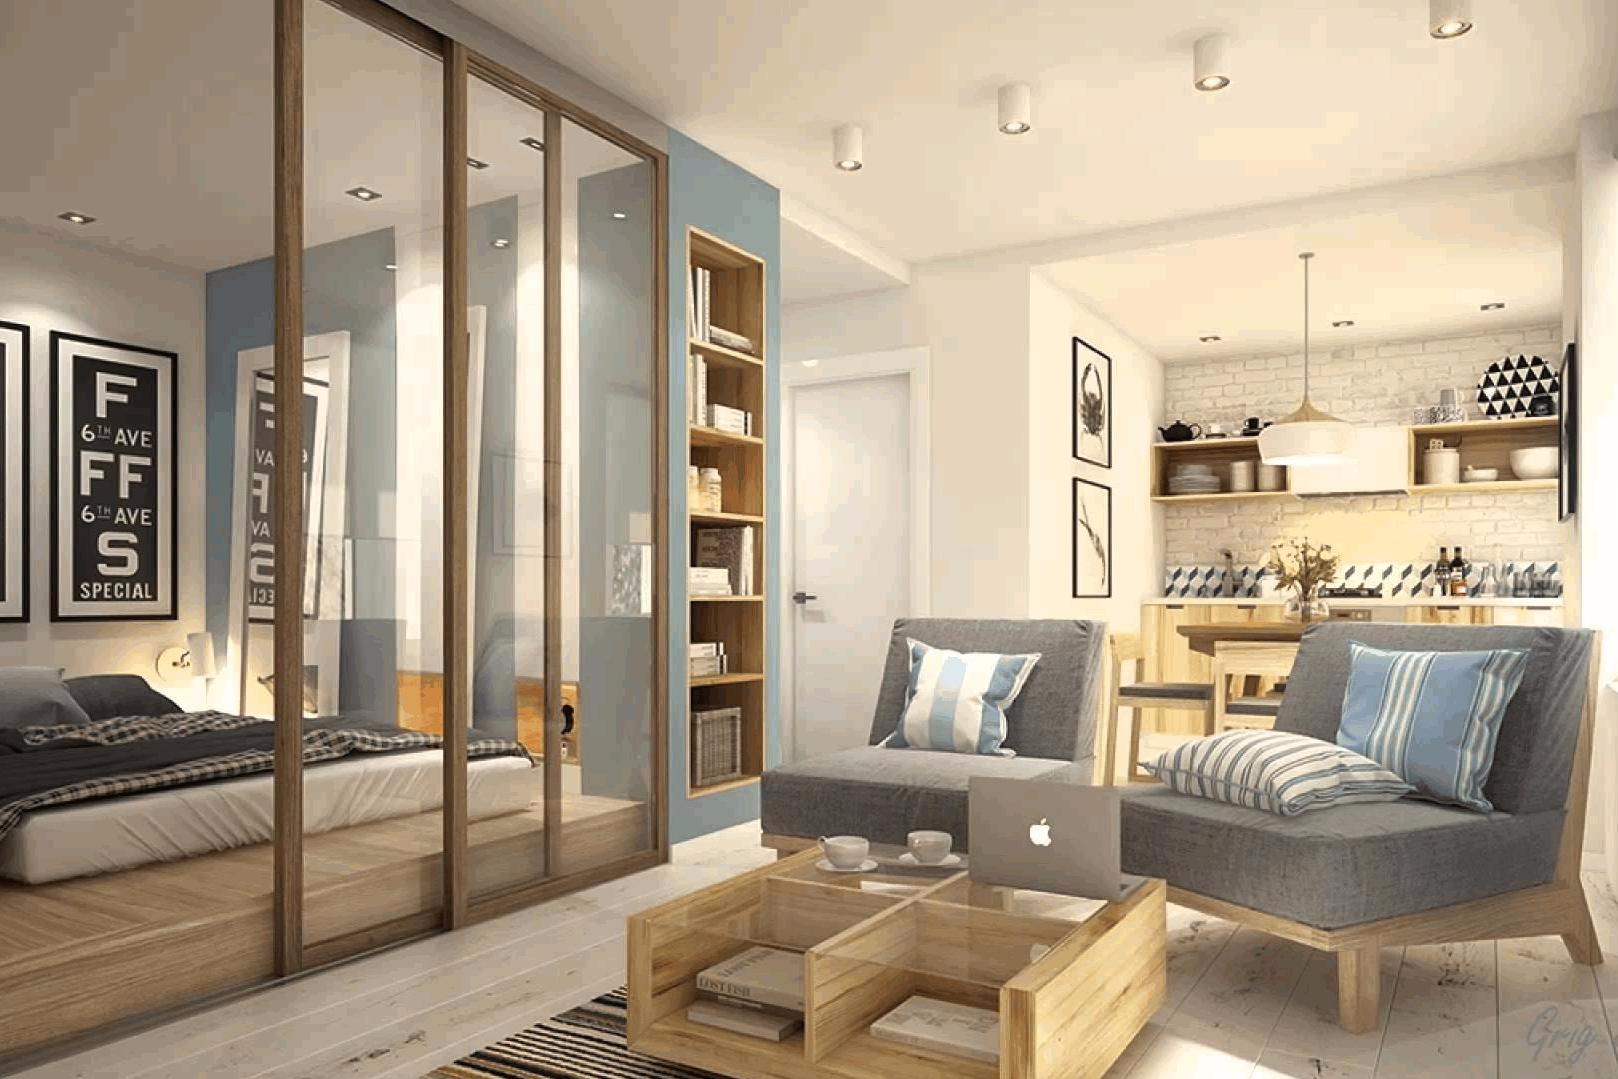 9 Ide Partisi Minimalis Ini Bisa Buat Ruanganmu Tampak Lebih Luas